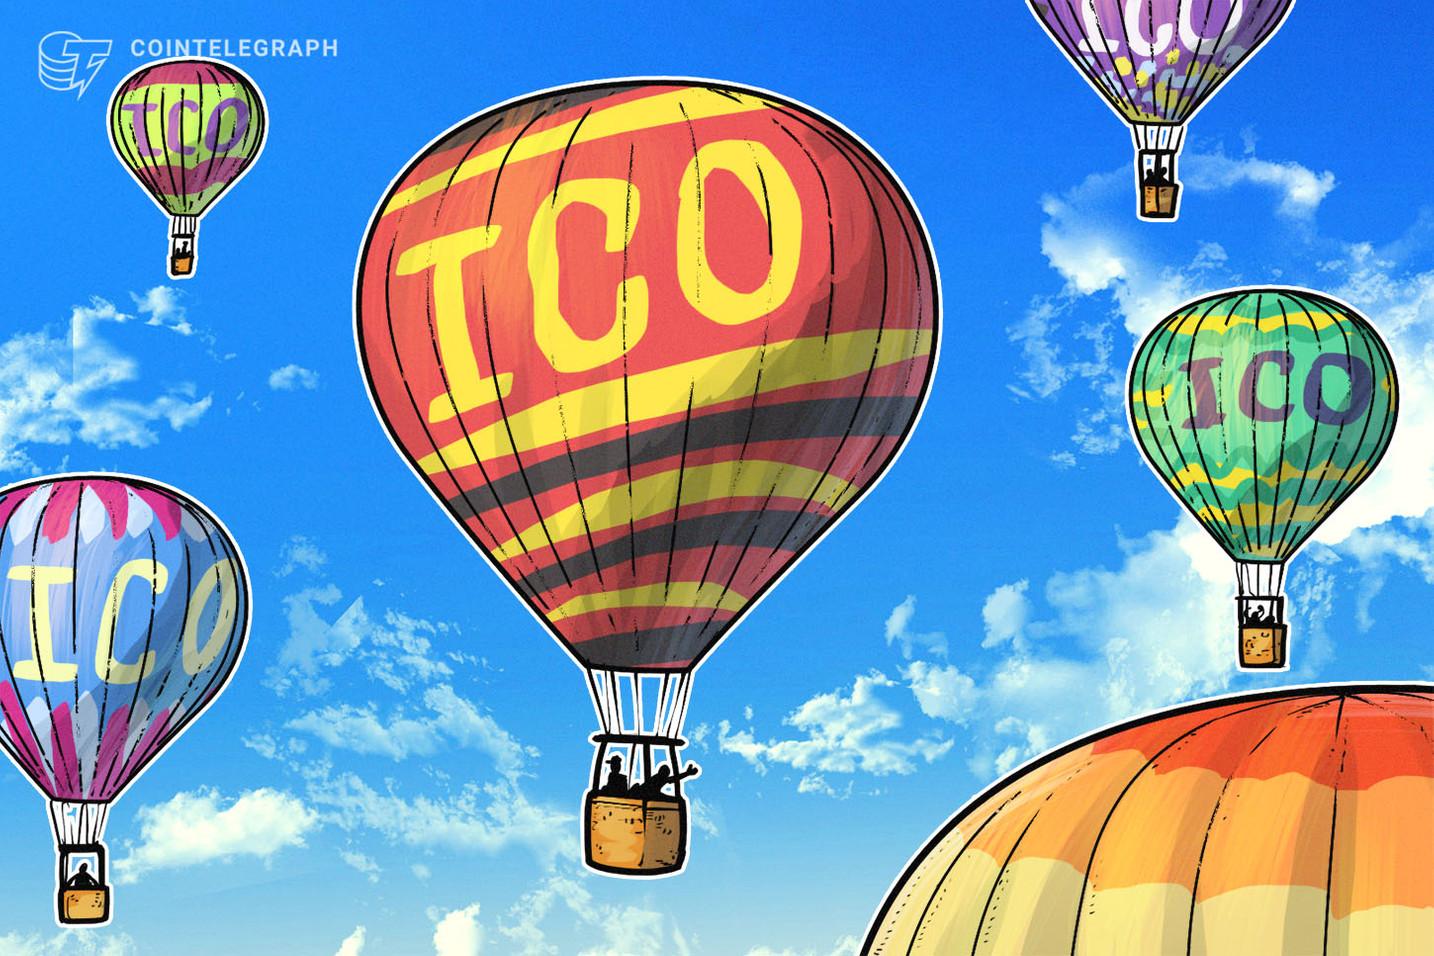 Pesquisa: $ 20 bilhões arrecadados com ICOs desde 2017